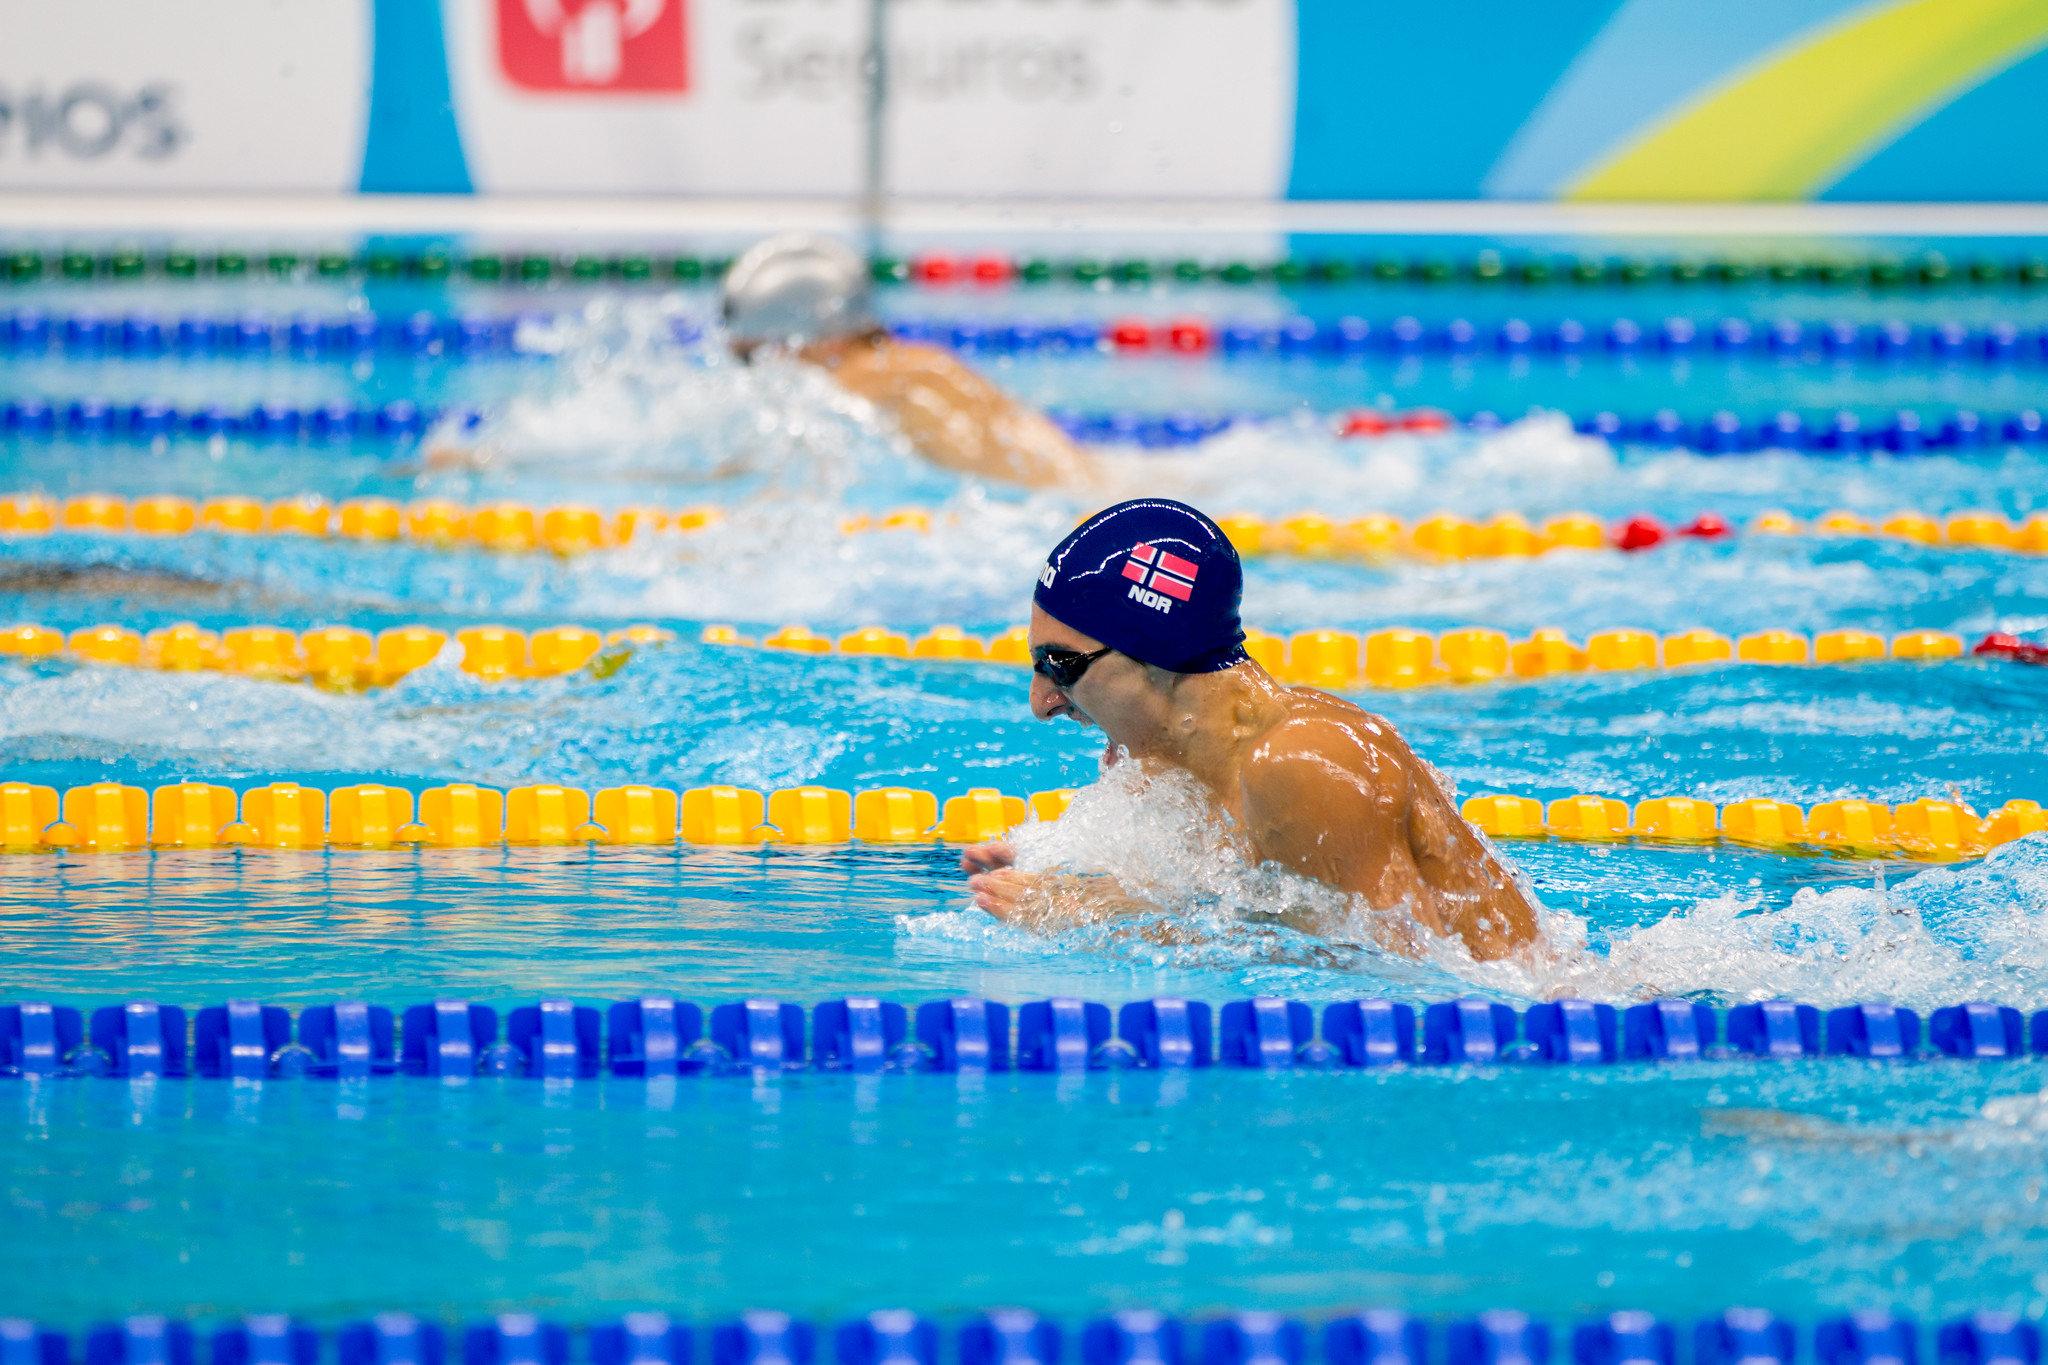 全国中学校水泳競技大会2019 結果速報男子・日程競泳